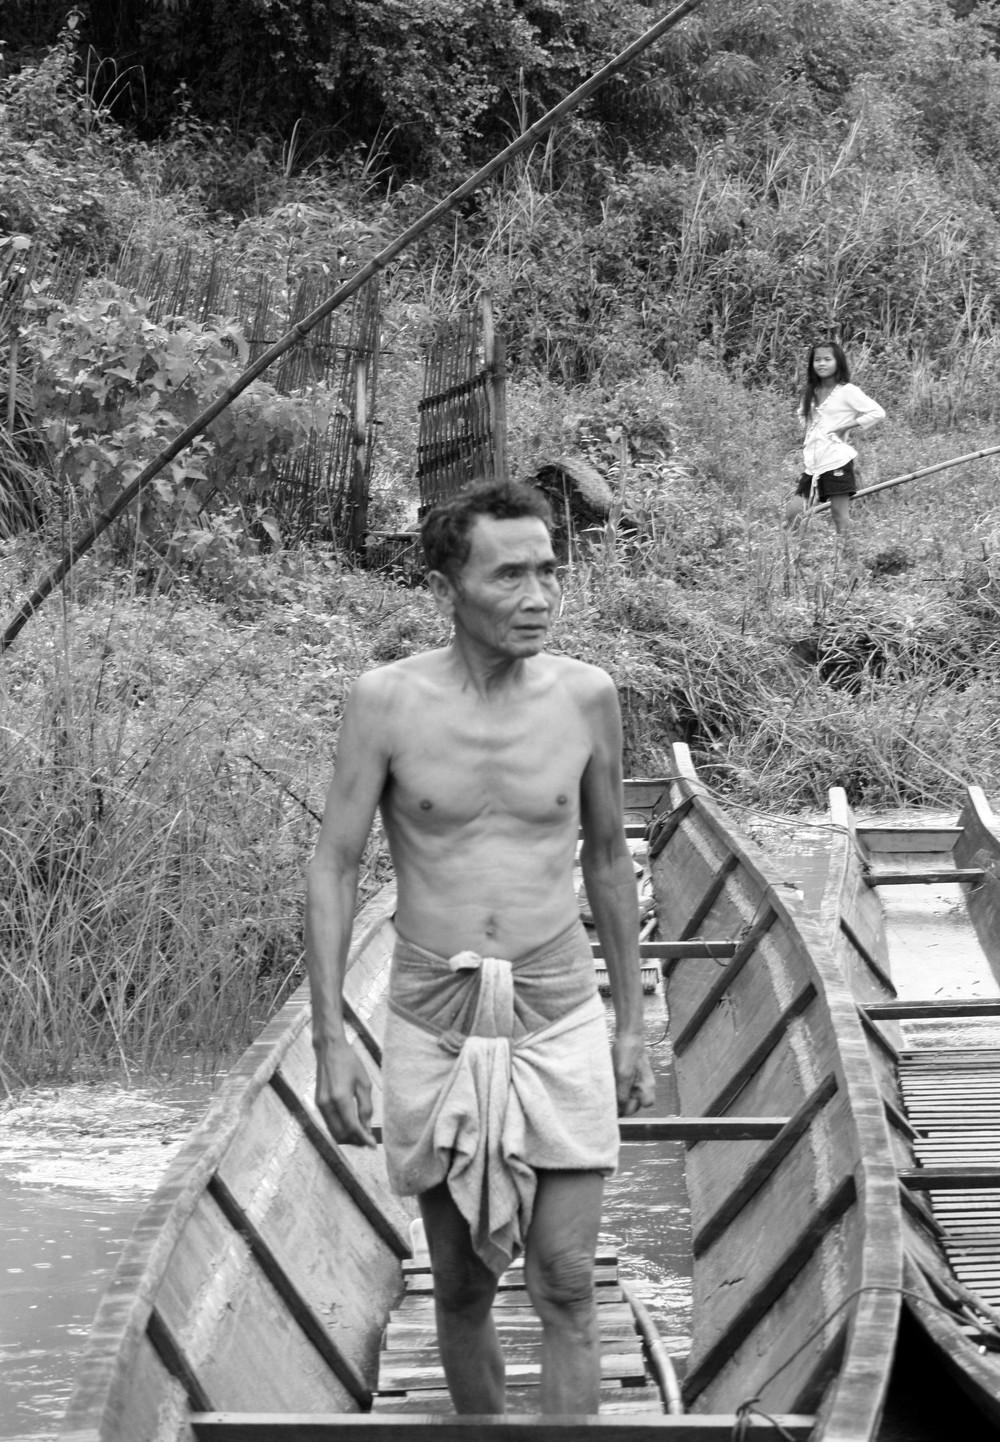 Man on Boat, Laos